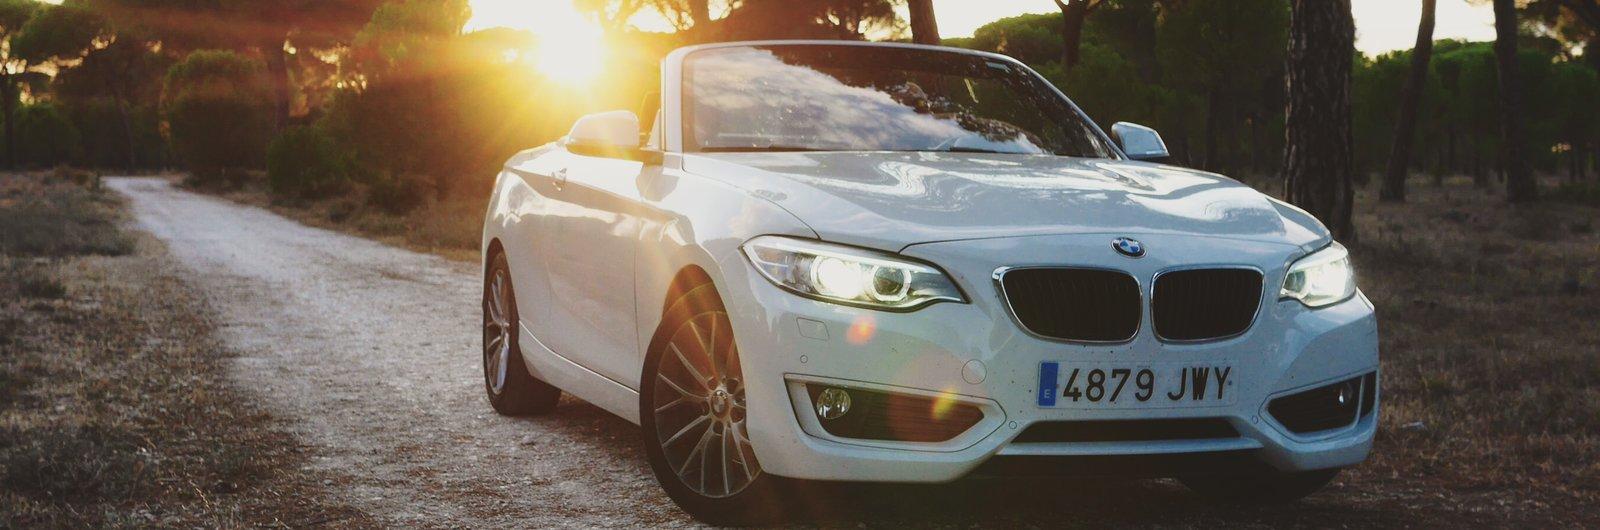 Bmw Rental Sixt Rent A Car